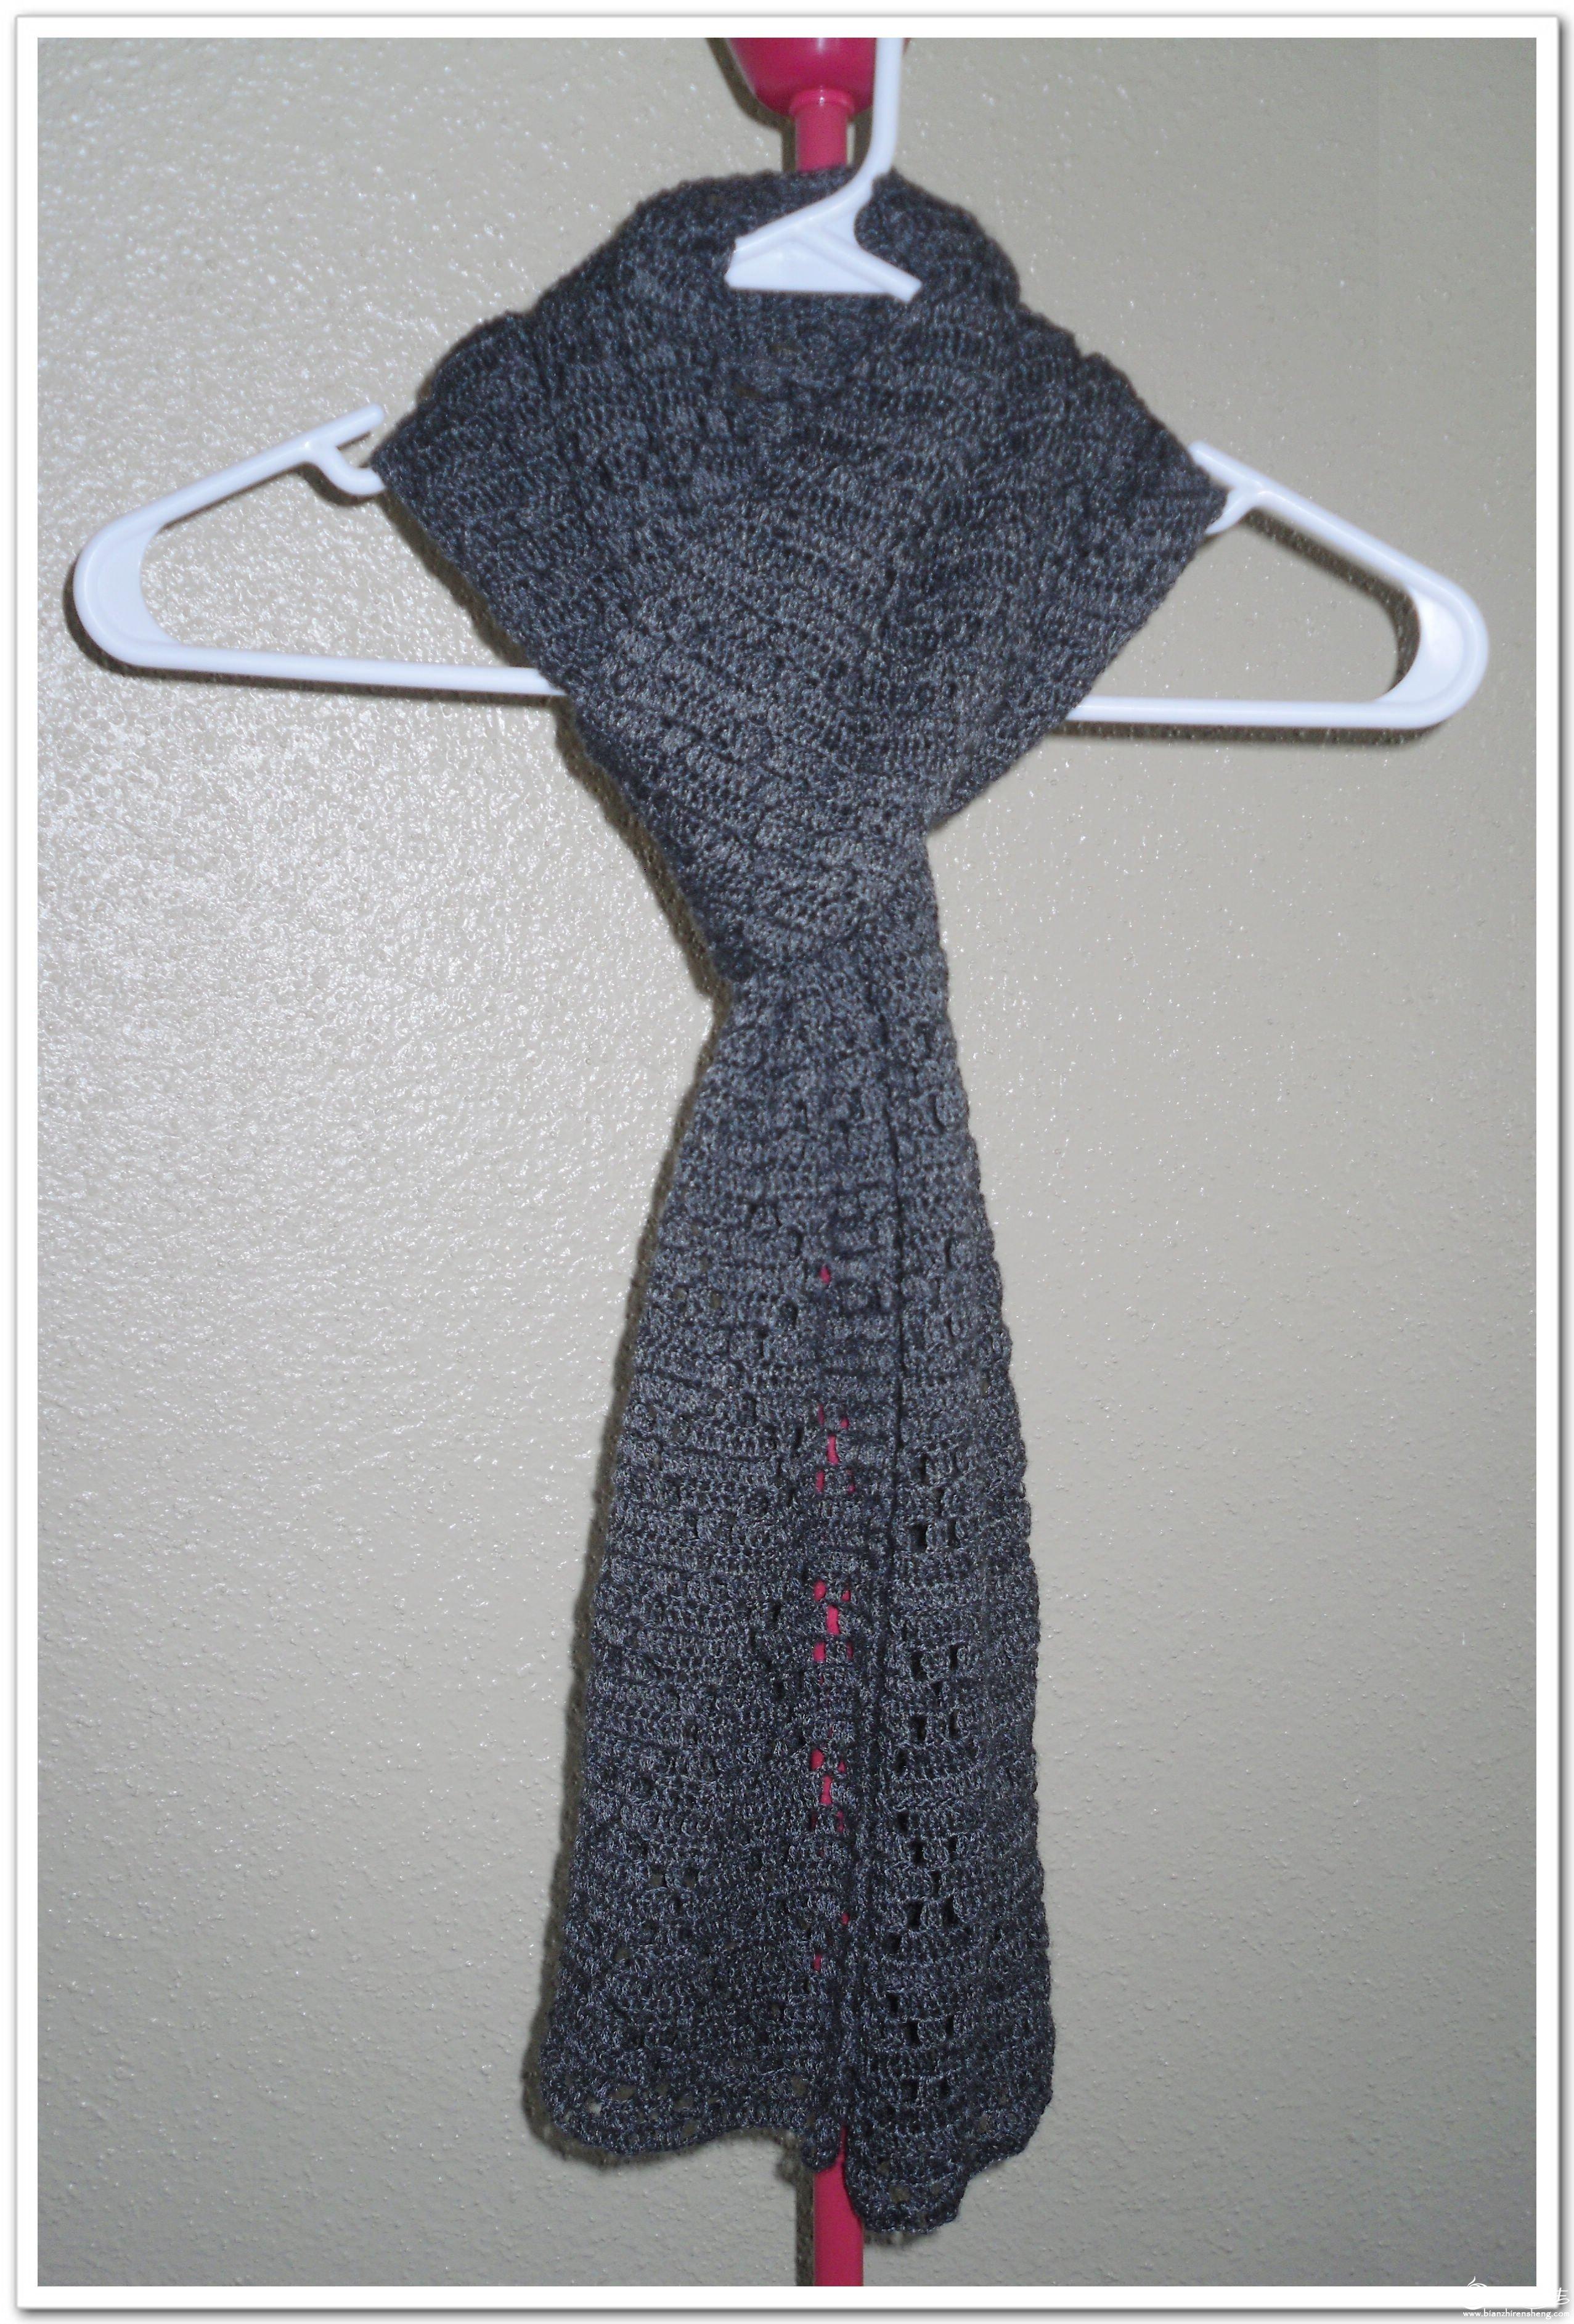 菱形格围巾4.jpg